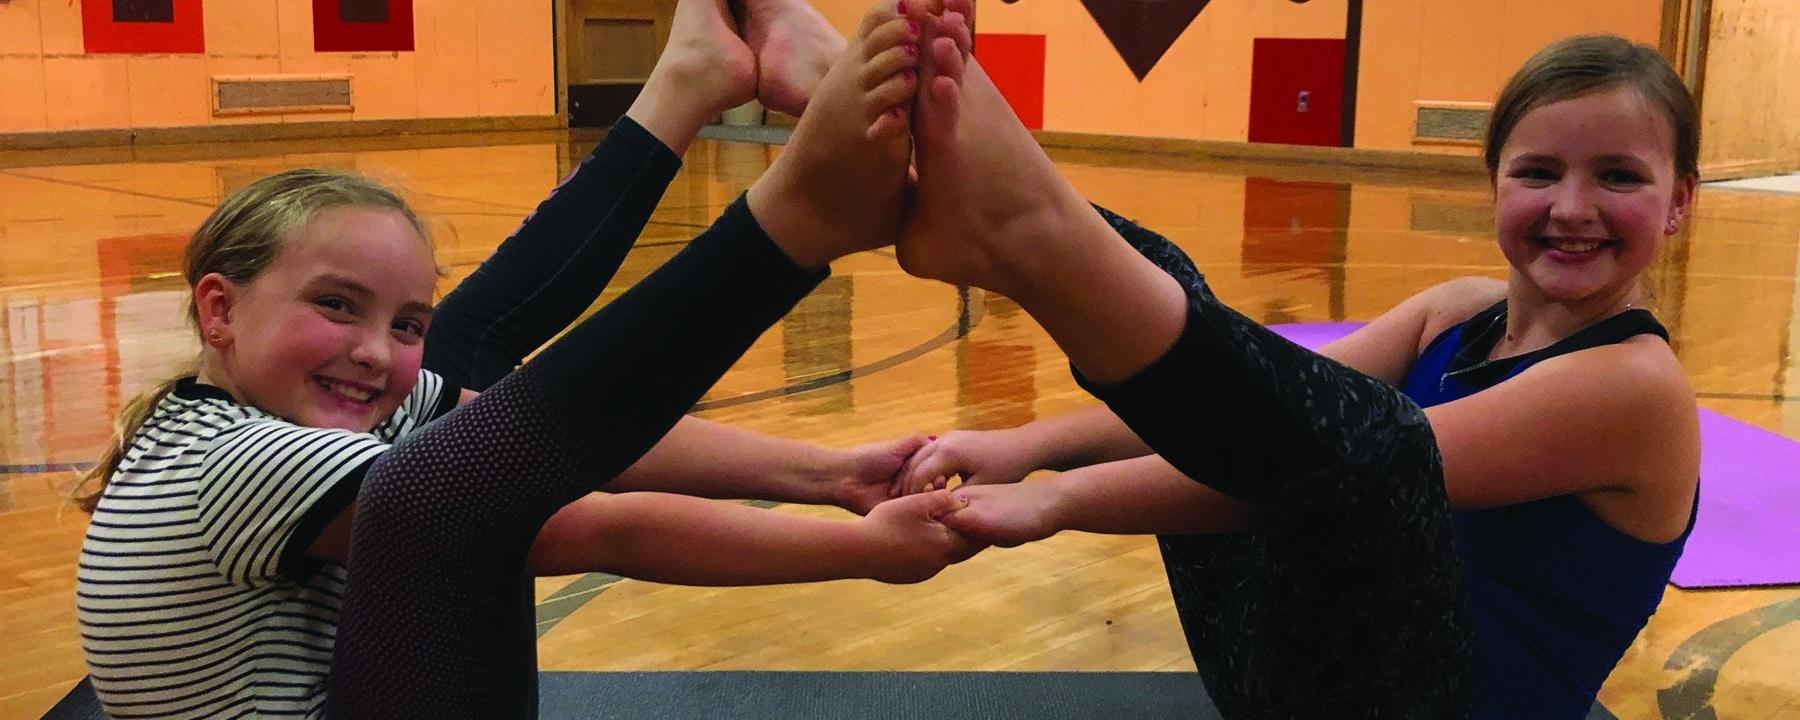 Flux Power Yoga